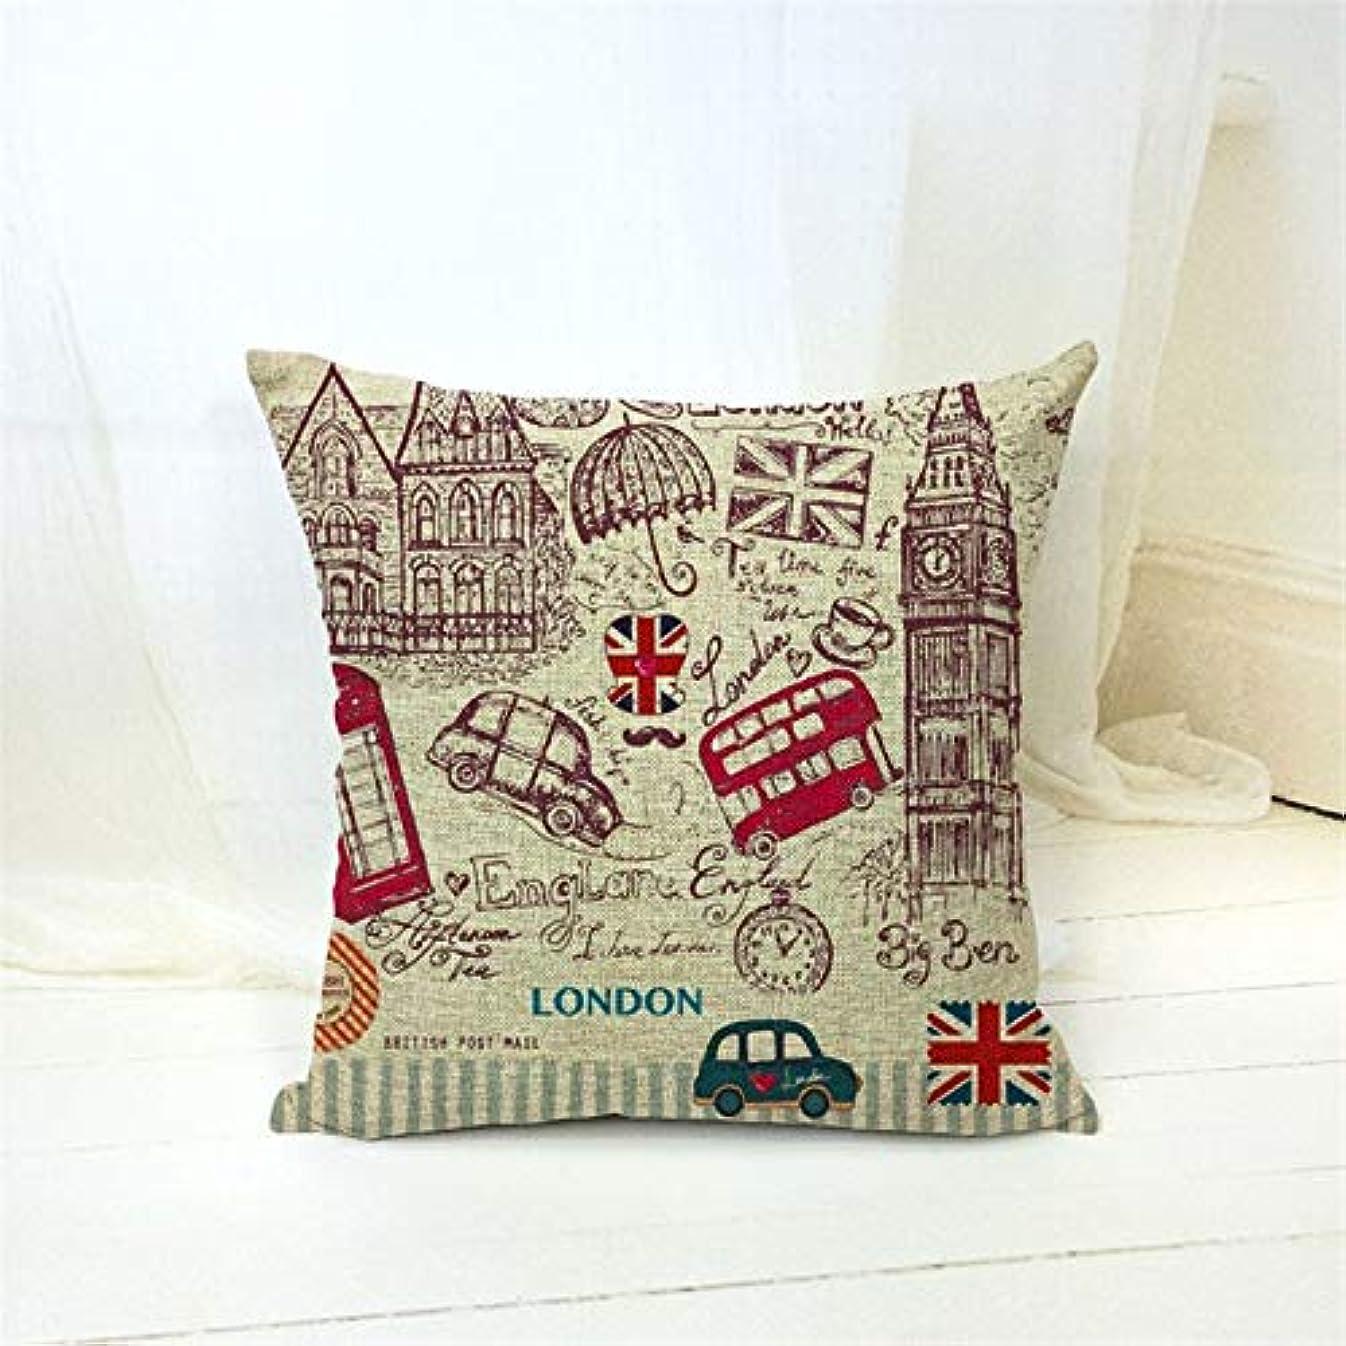 冗長精算著名なLIFE 新リネンプリントクッションホームソファカー装飾枕装飾枕 クッション 椅子